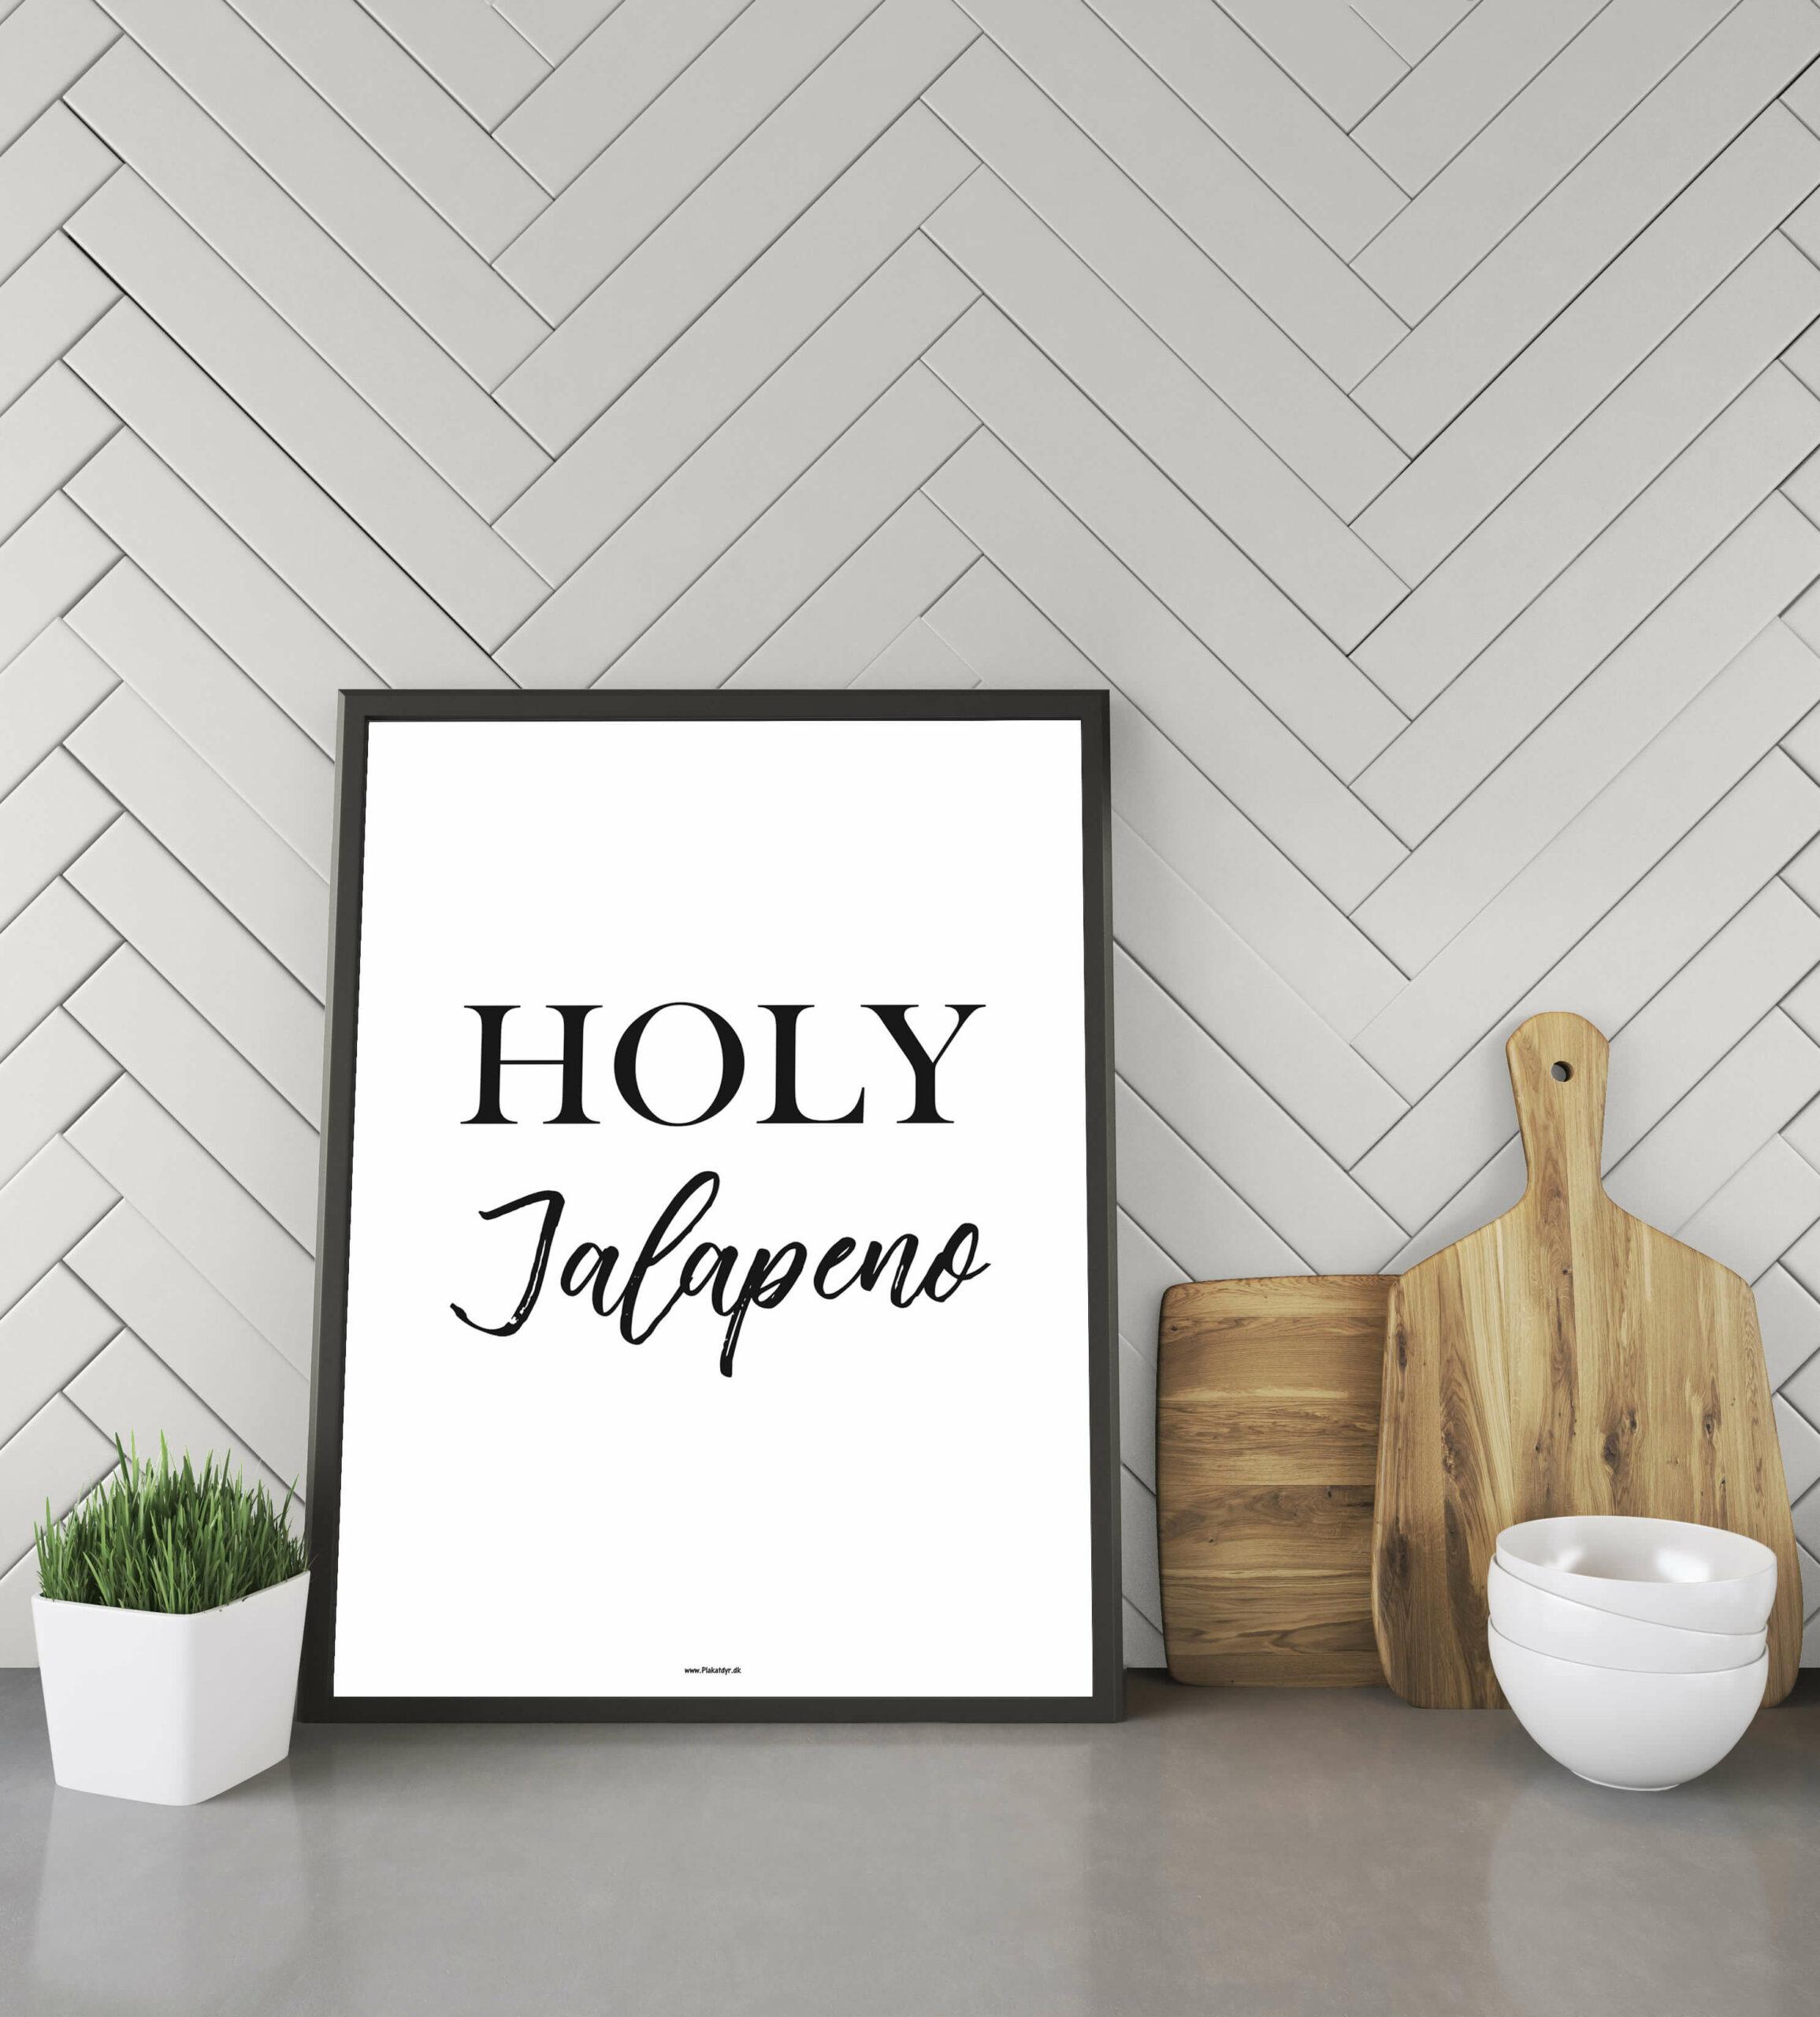 holy-jalapeno-gaveide